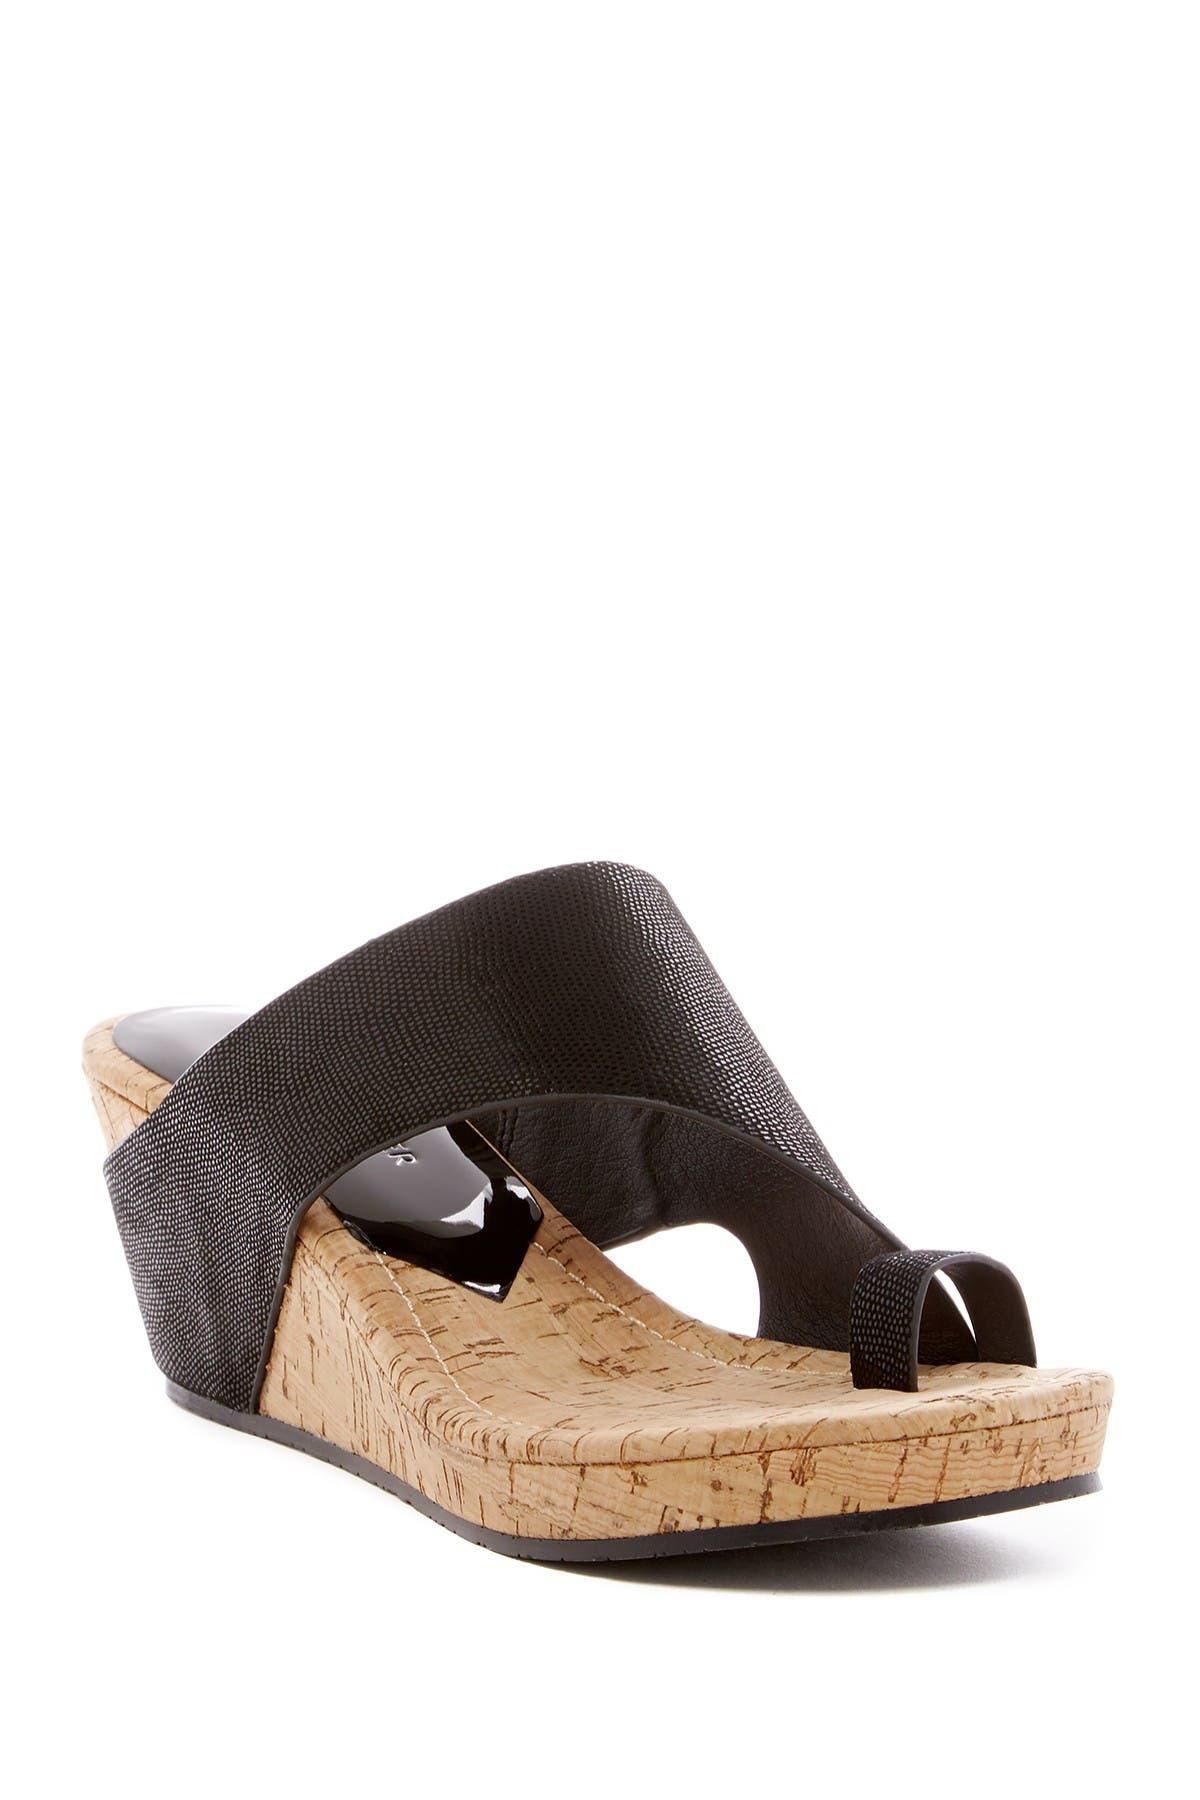 Image of Donald Pliner Gyer Wedge Sandal